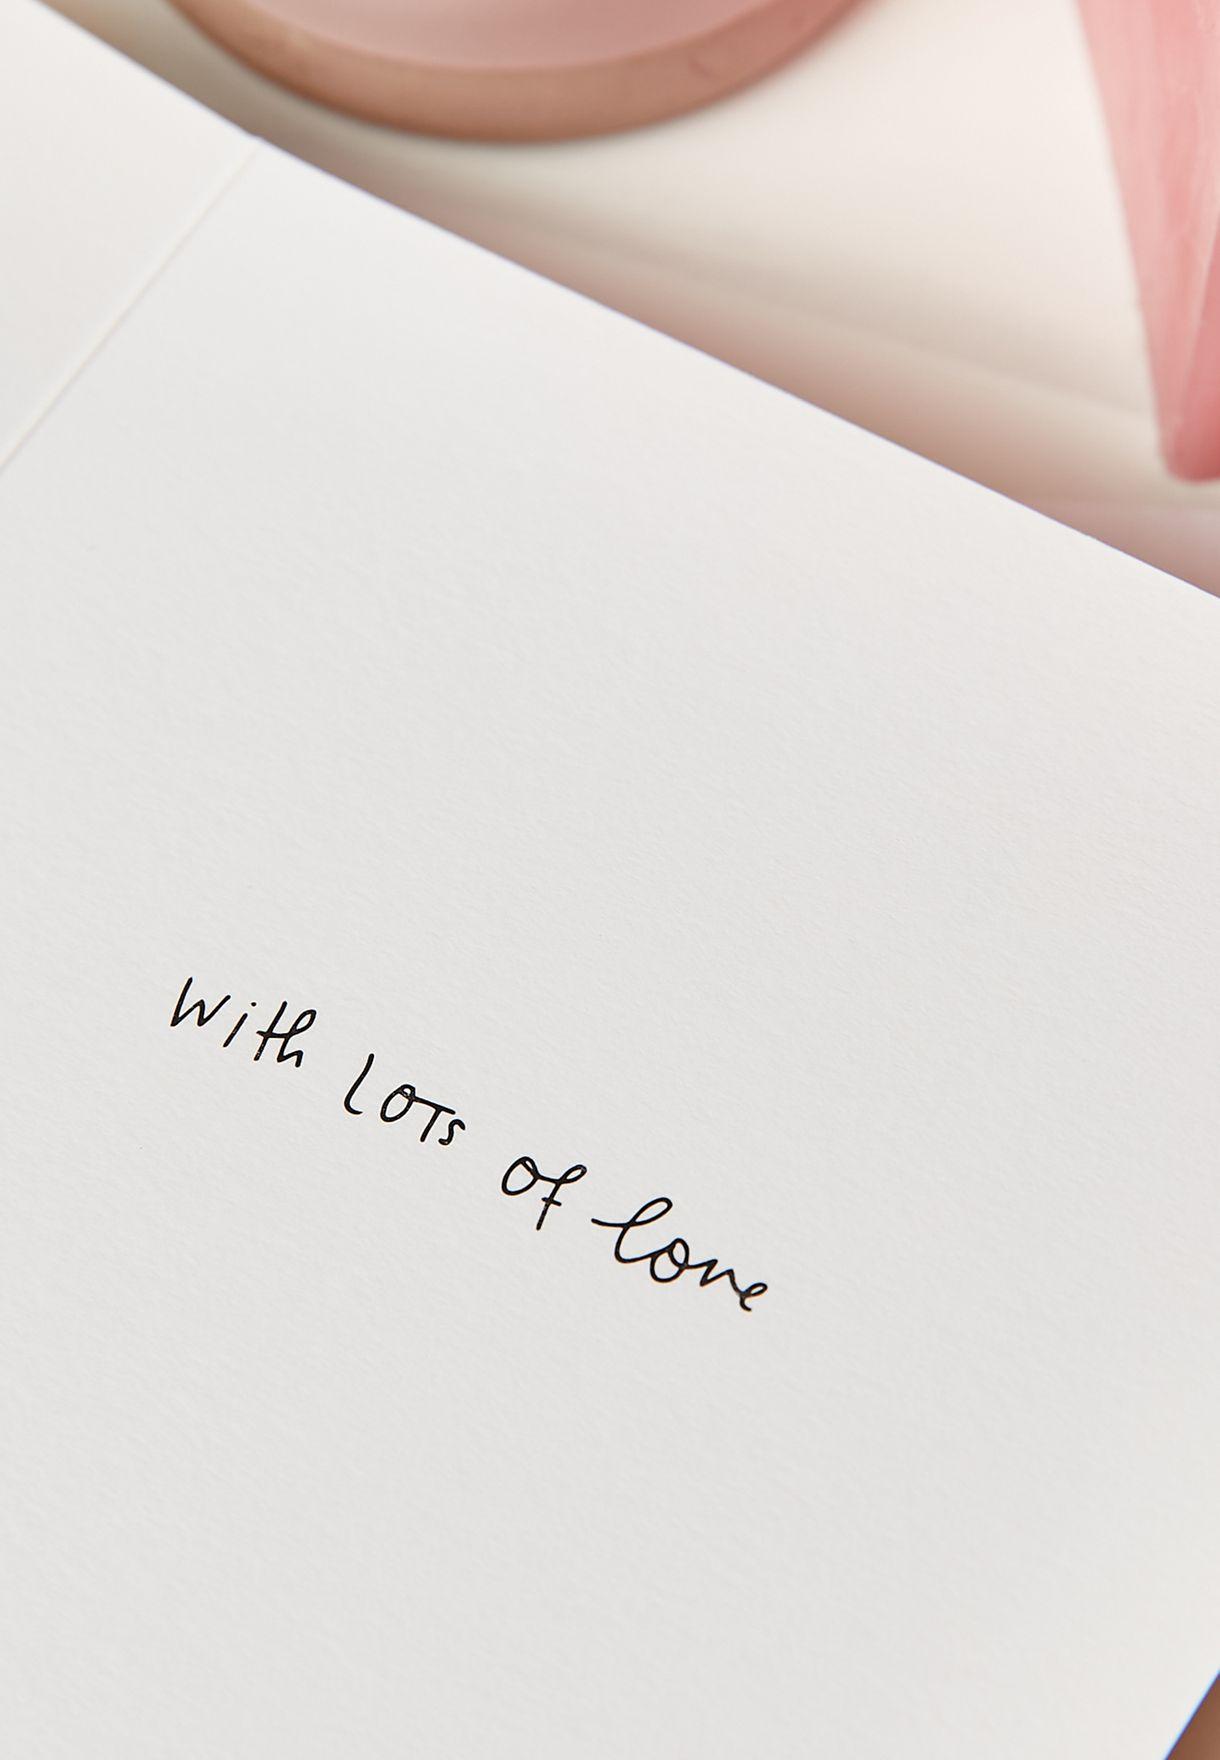 بطاقة تهنئة بطبعة كتابة